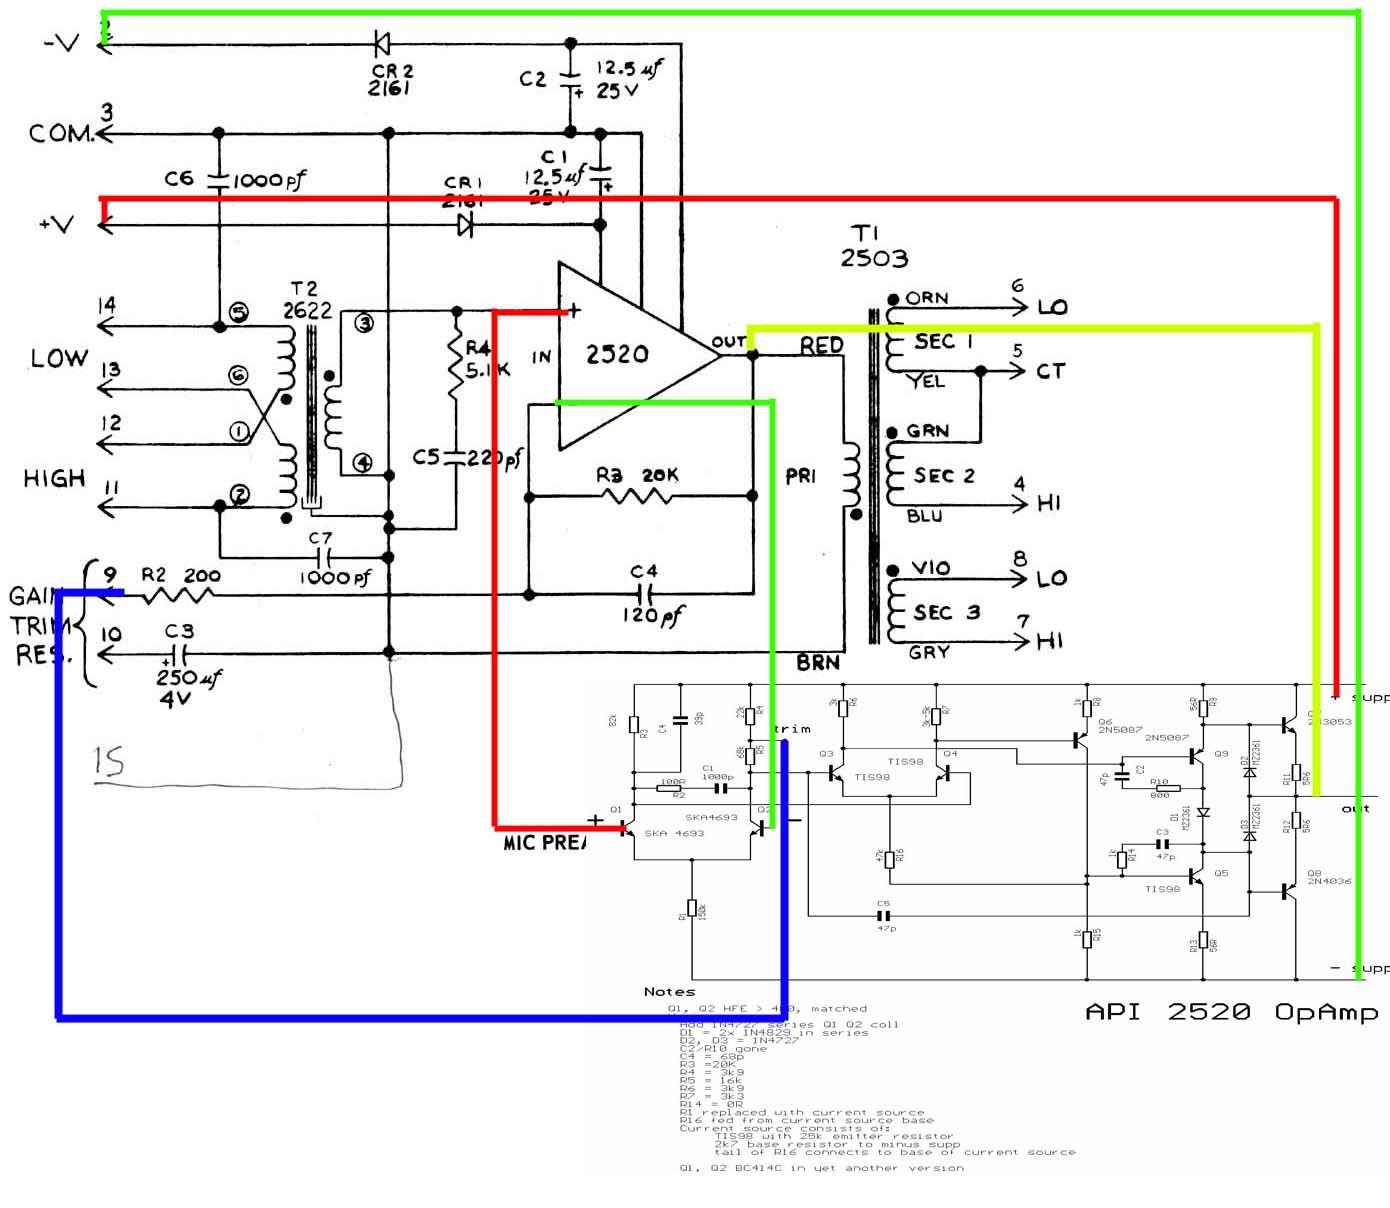 Api 2520 Opamp Gearslutz Op Amp Diagram Schematic